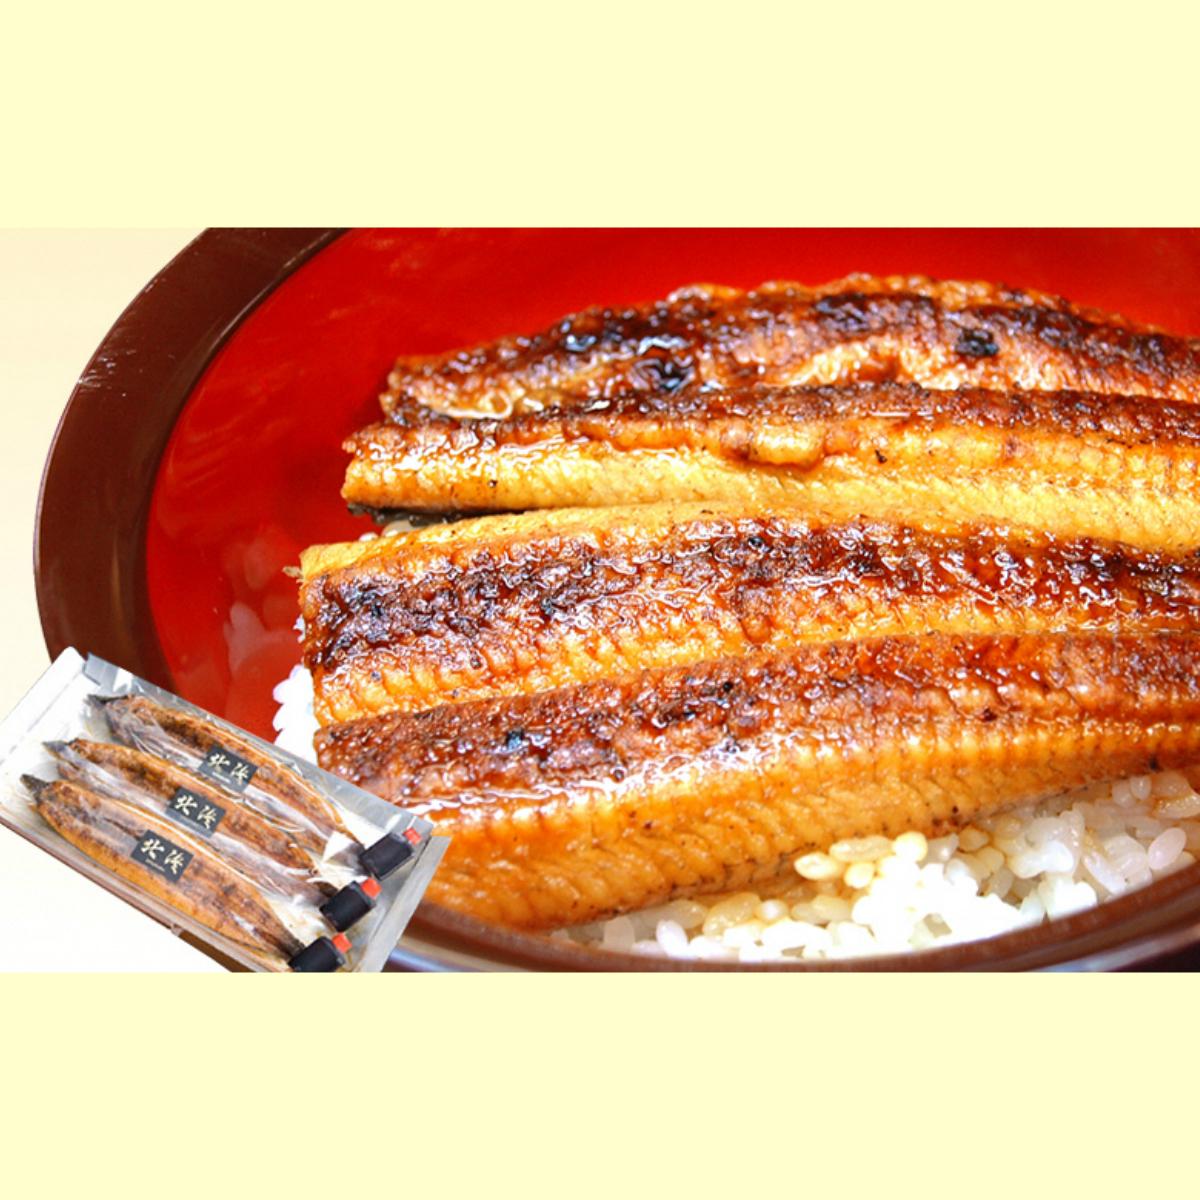 【ふるさと納税】仁淀川うなぎ 焼きたて蒲焼き3尾セット(高知市) 海産物